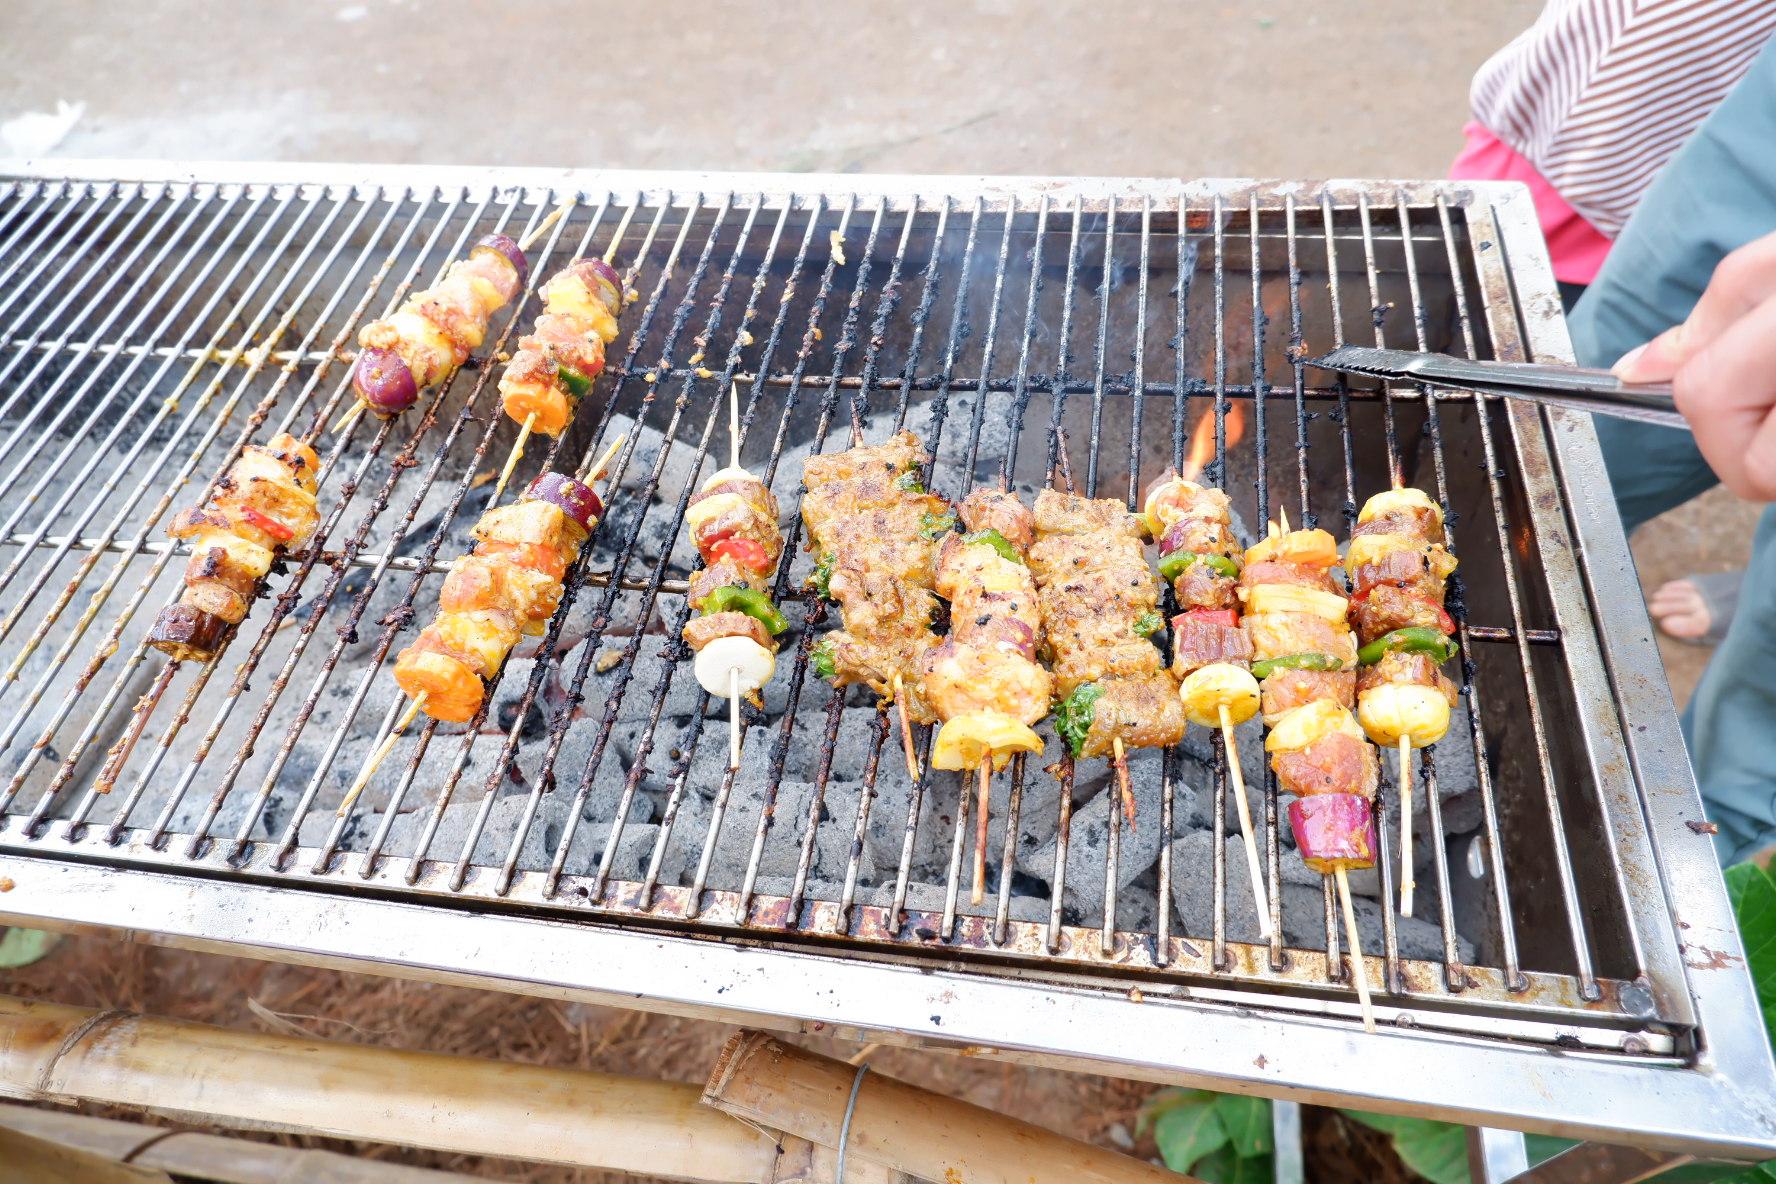 Thịt bò cuốn cải, thịt heo và rau, củ, quả xiên nướng, xúc xích...